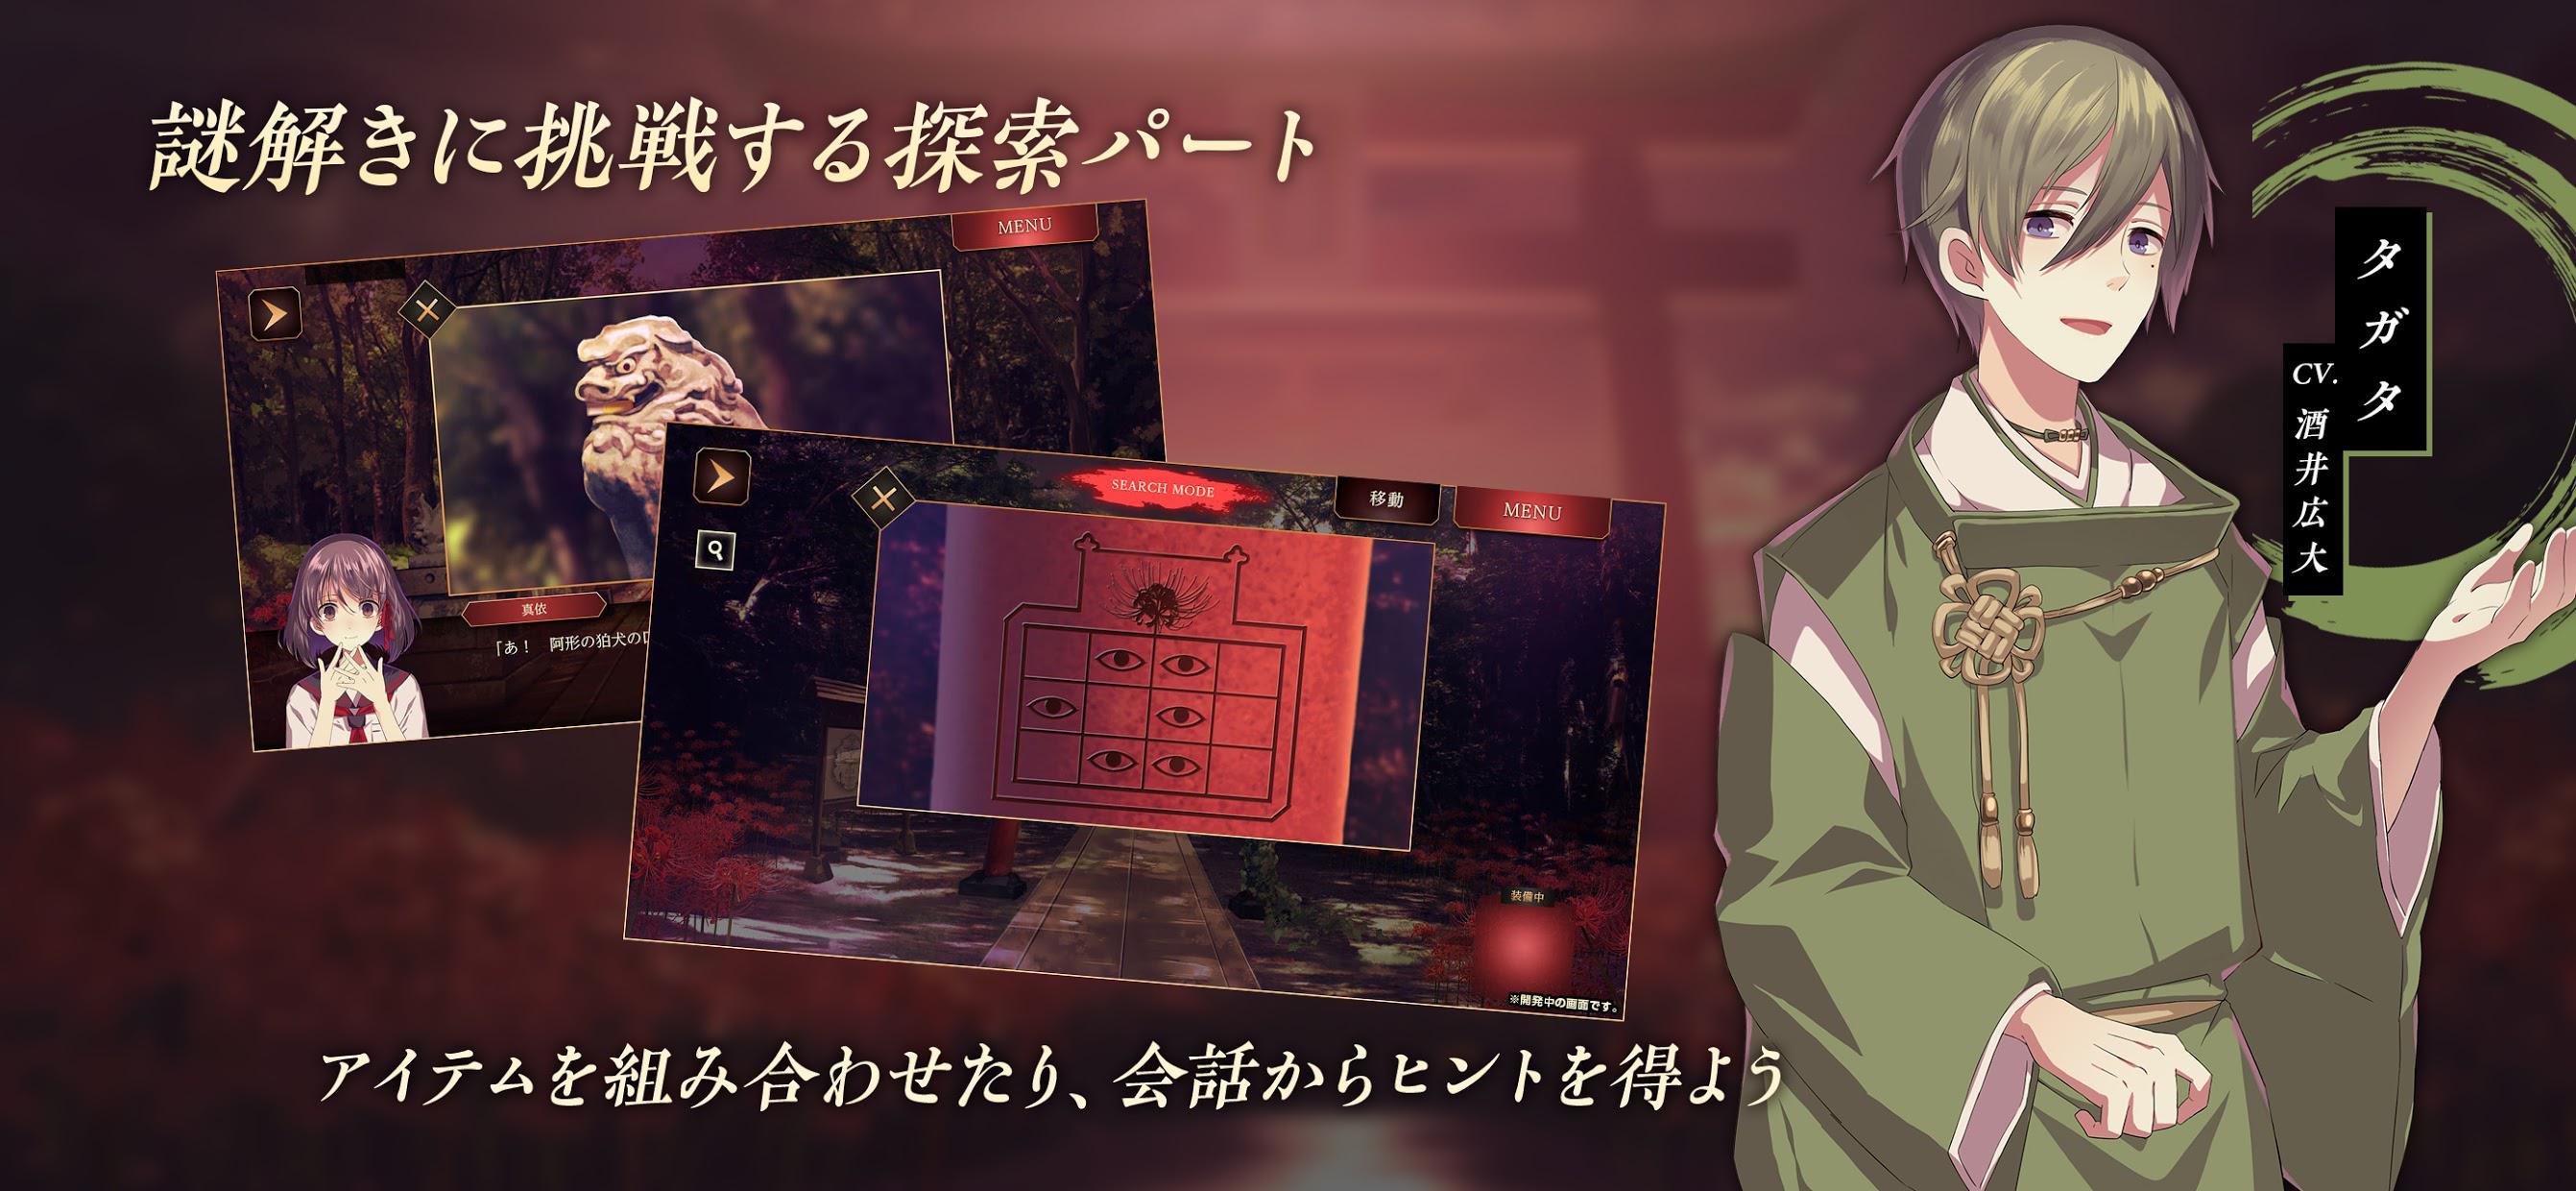 四目神 -再会- 游戏截图4